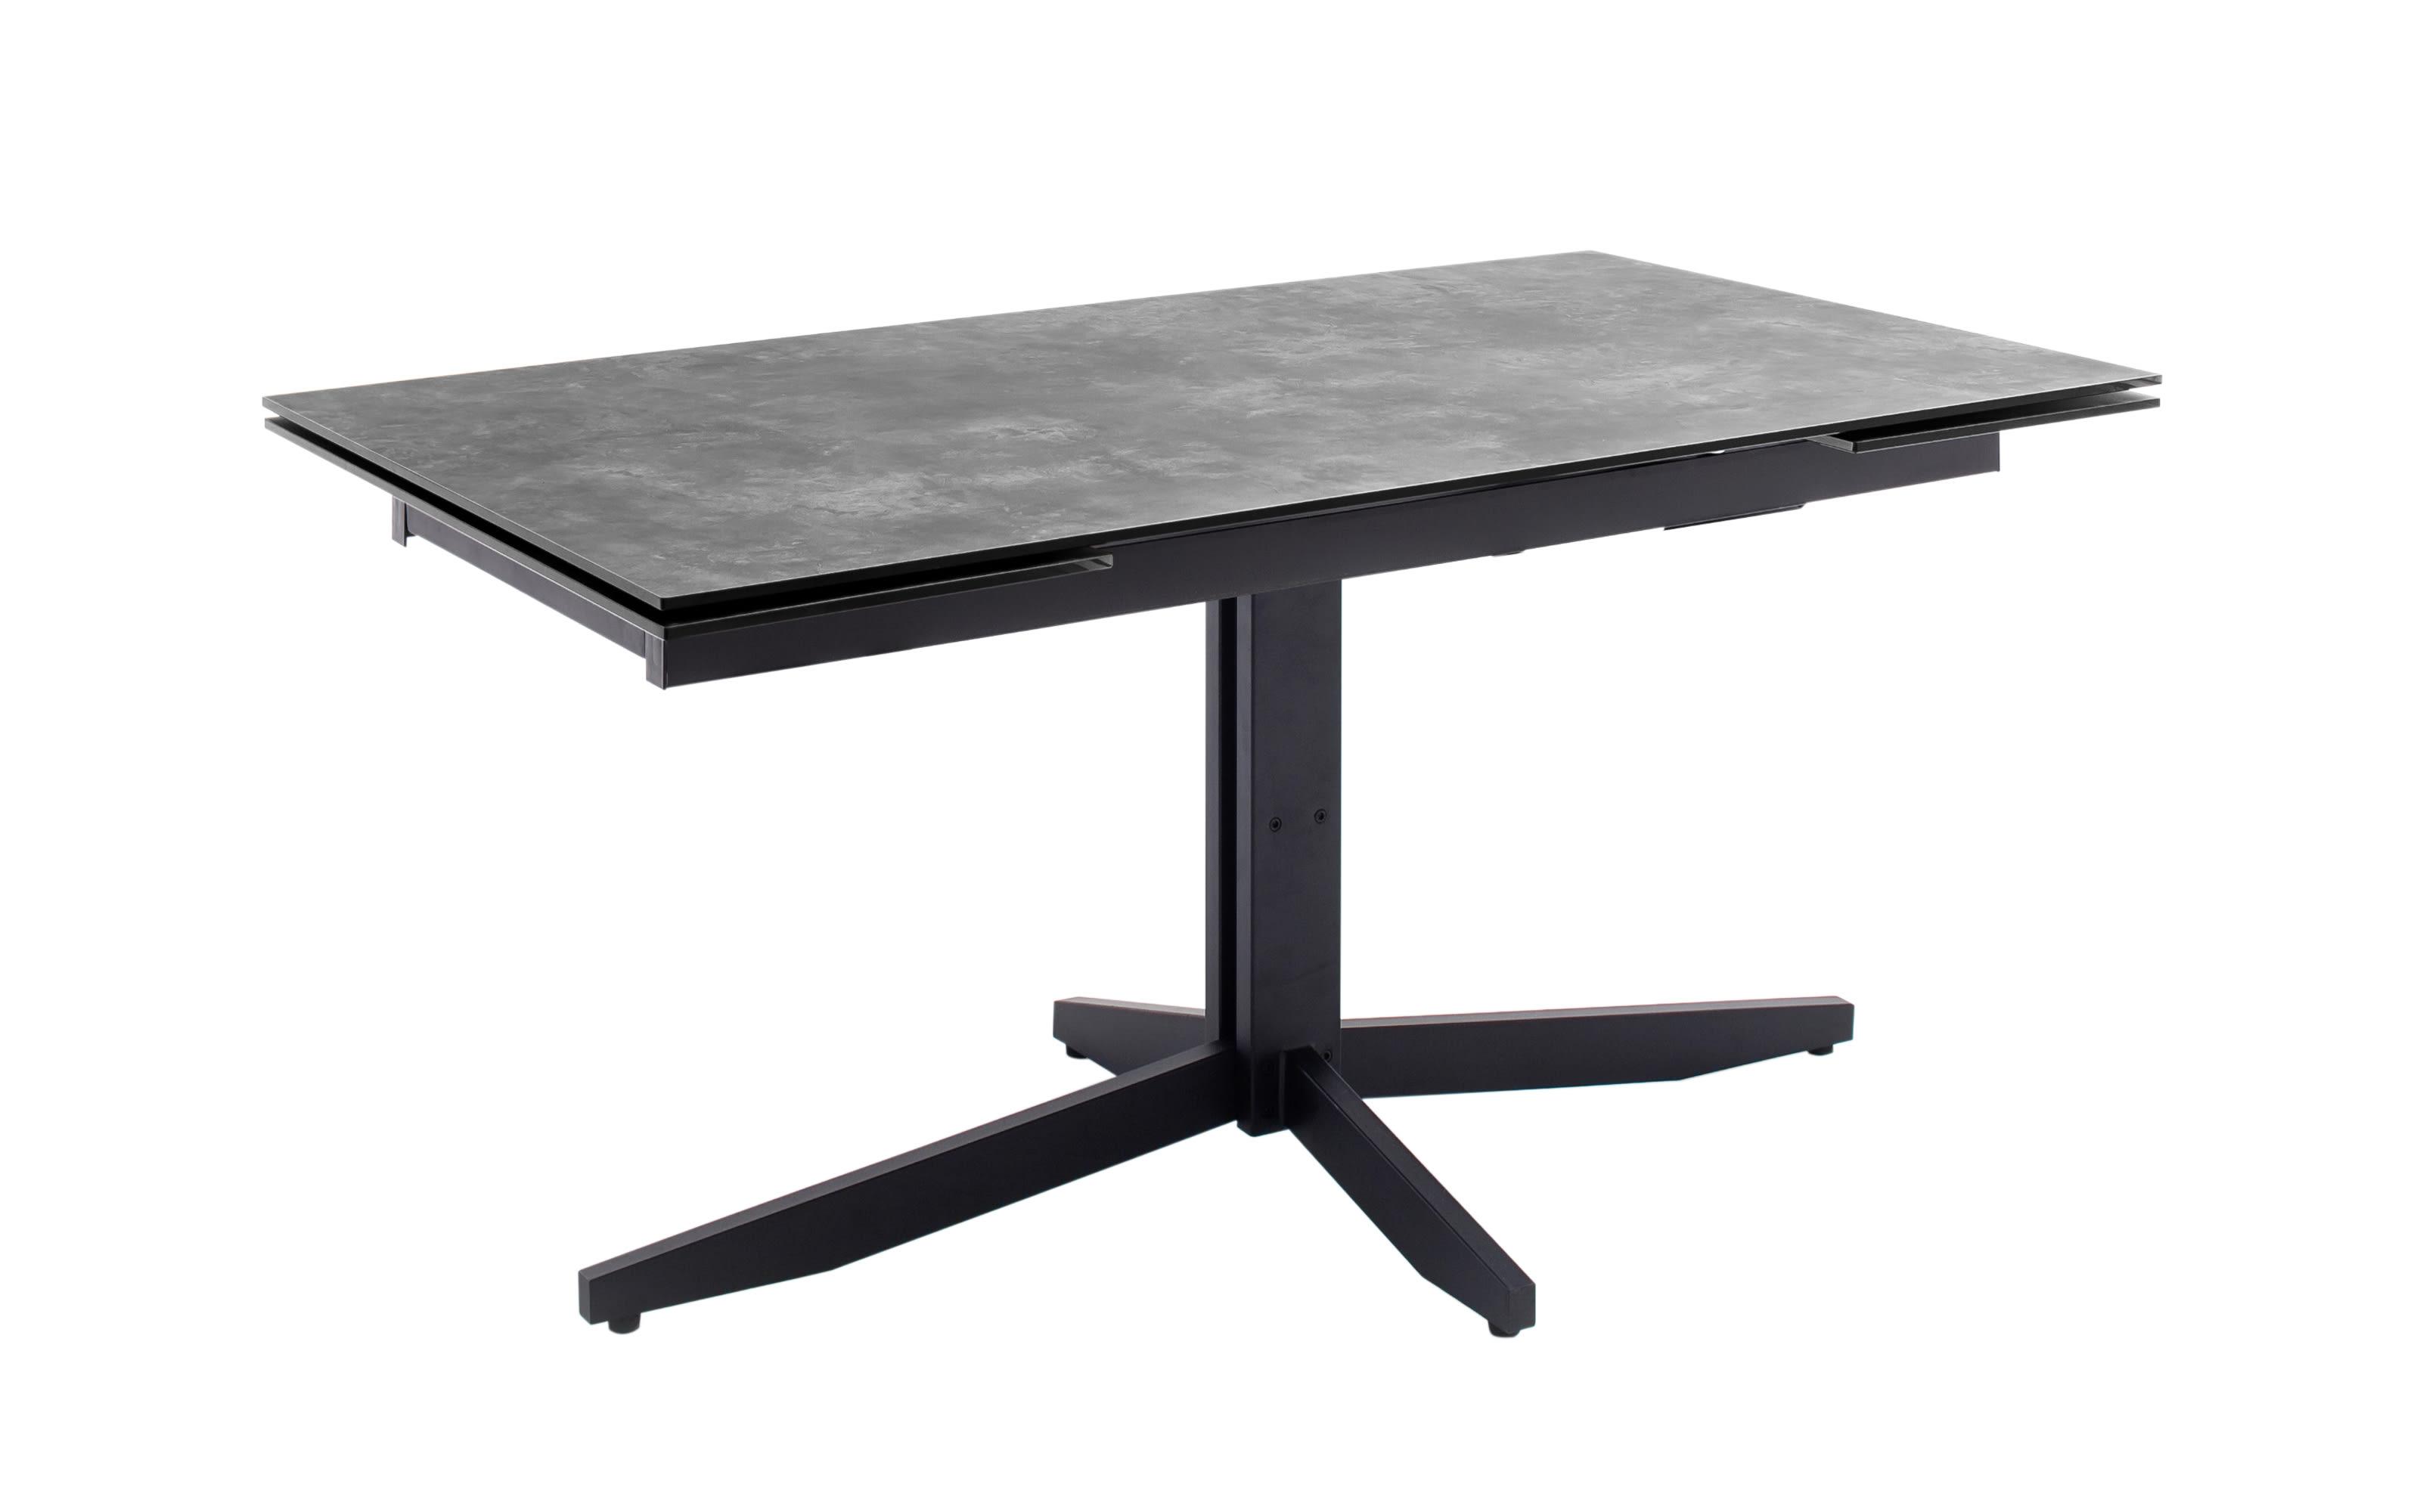 Esstisch Rimini in steinfarbig grau, Gestell in schwarz matt lackiert